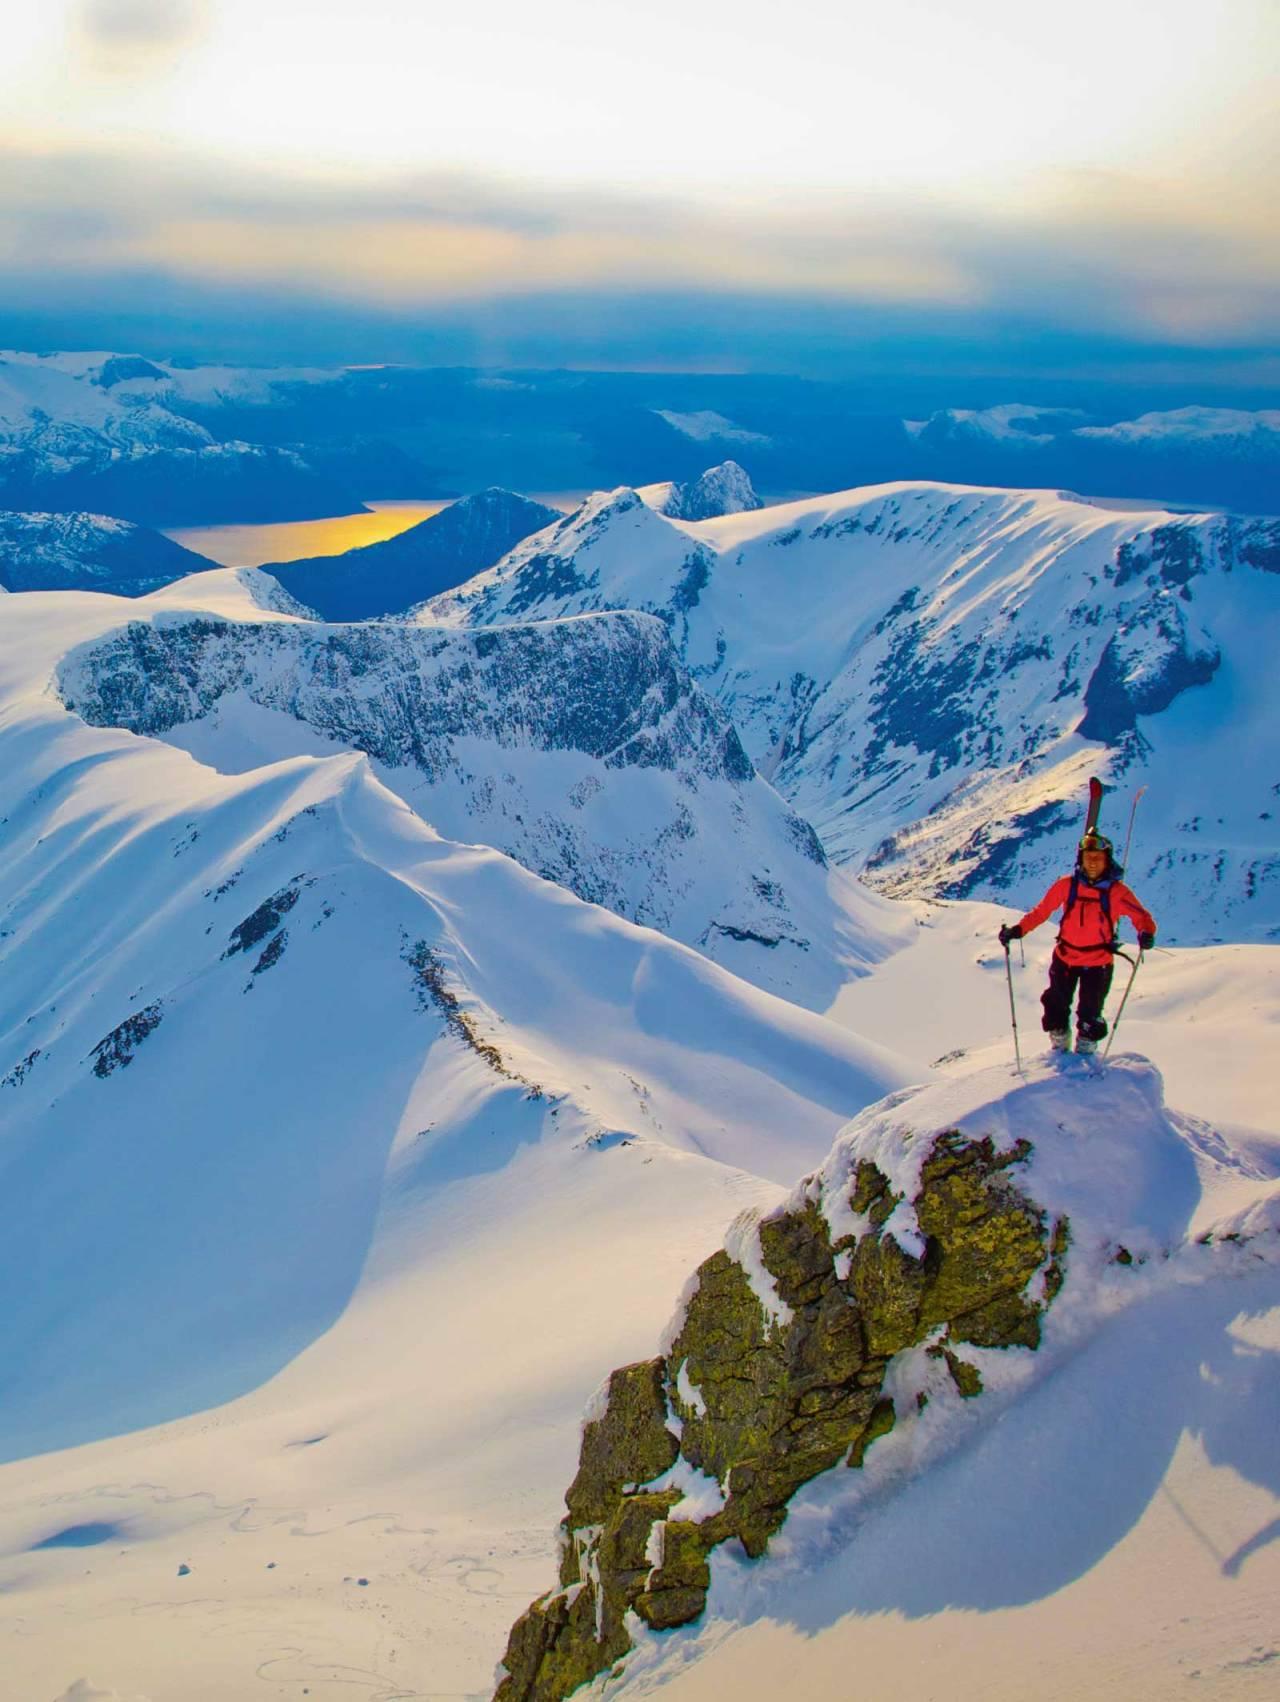 Fint kveldslys på toppen. Vardehornet og Nivane i den nære bakgrunnen. Foto: Håvard Myklebust